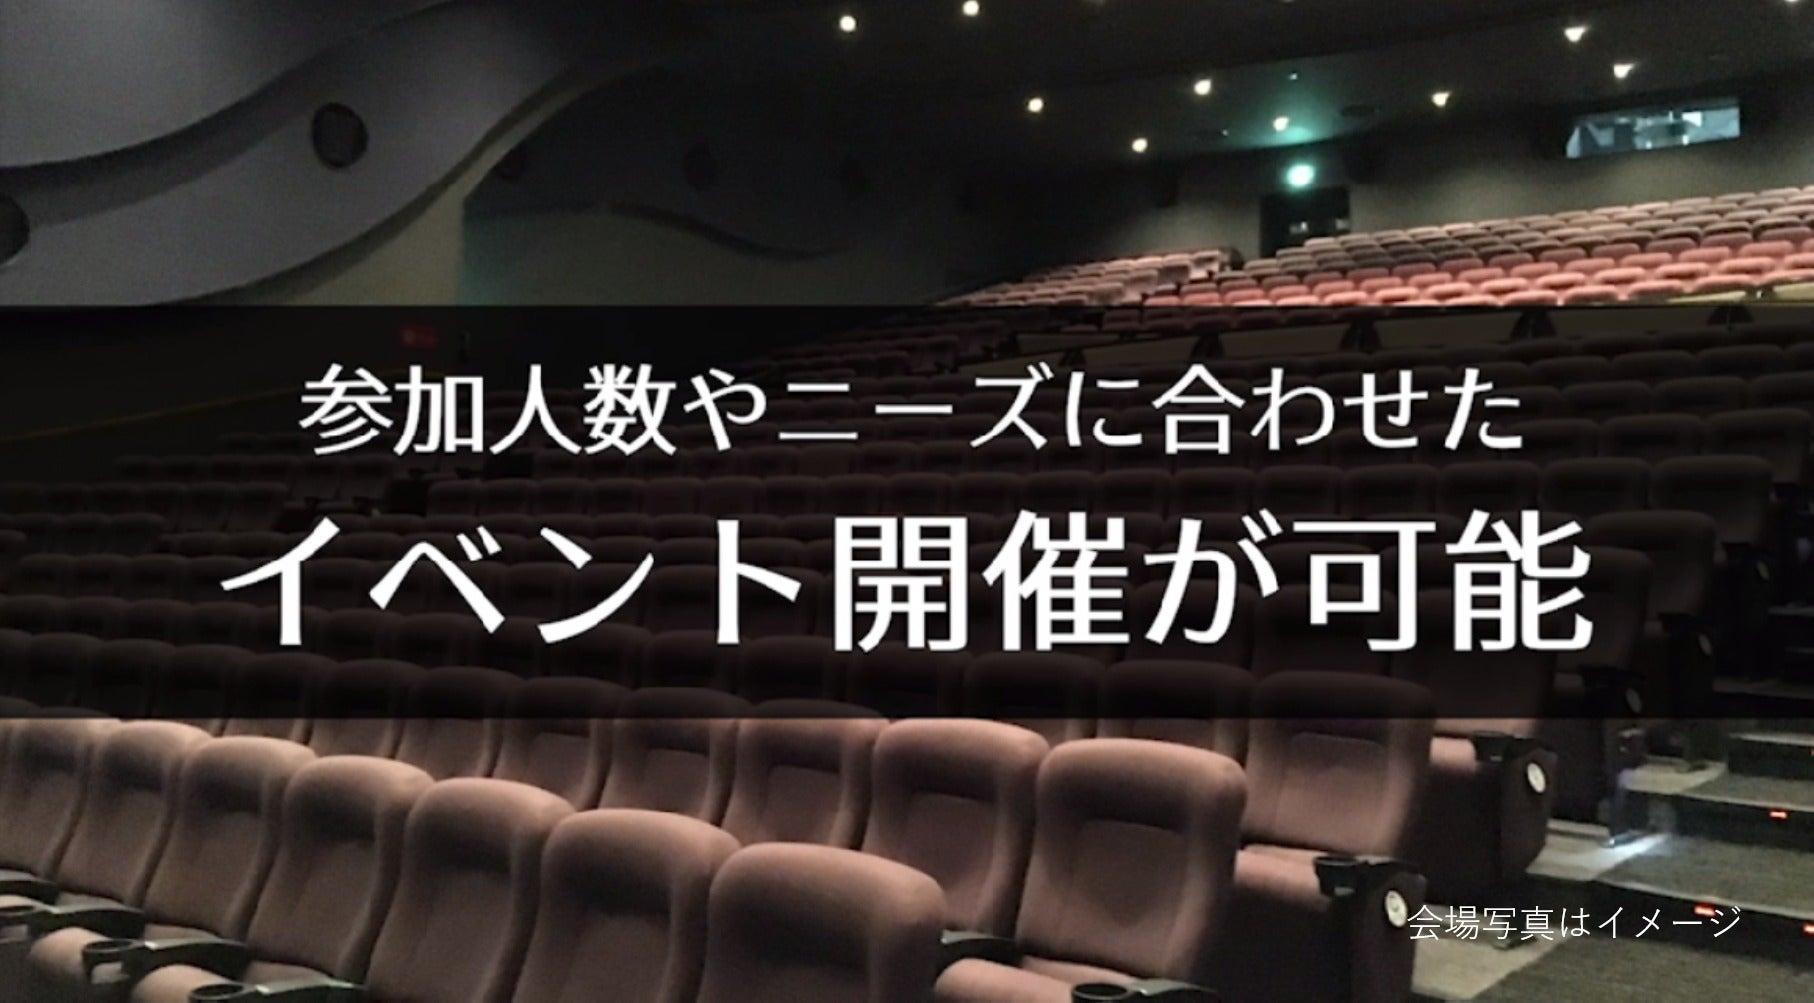 【長崎 376席】映画館で、会社説明会、株主総会、講演会の企画はいかがですか?(ユナイテッド・シネマ長崎) の写真0